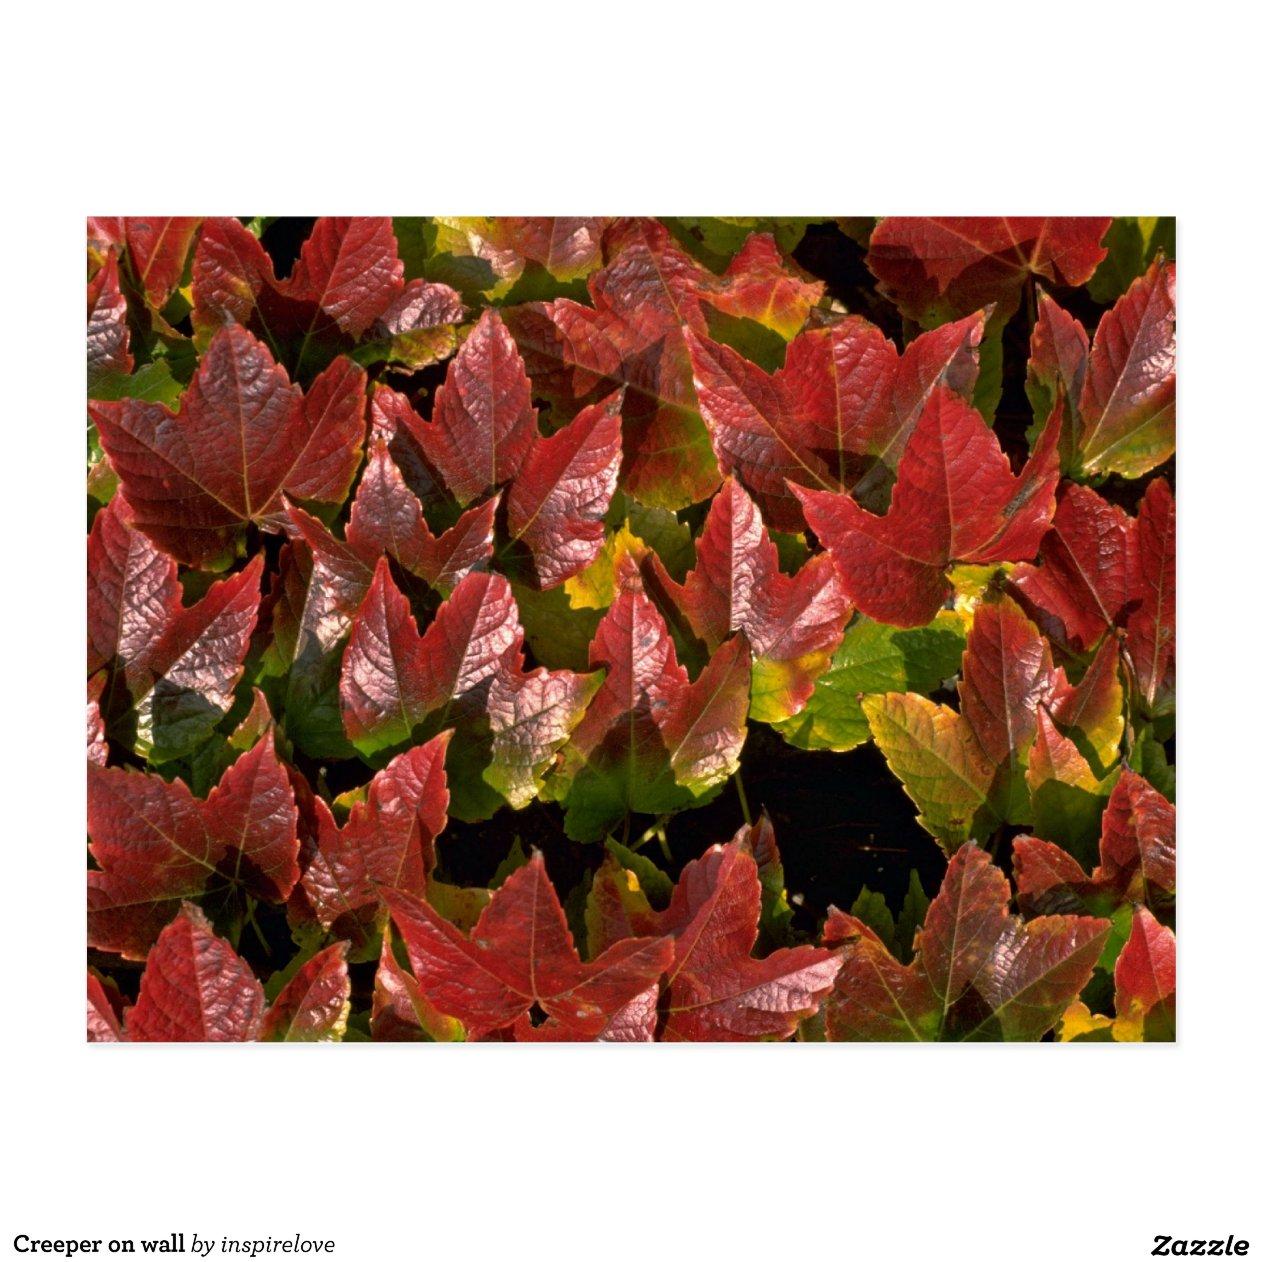 Plante grimpante sur le mur cartes postales zazzle - Plante grimpante mur ...